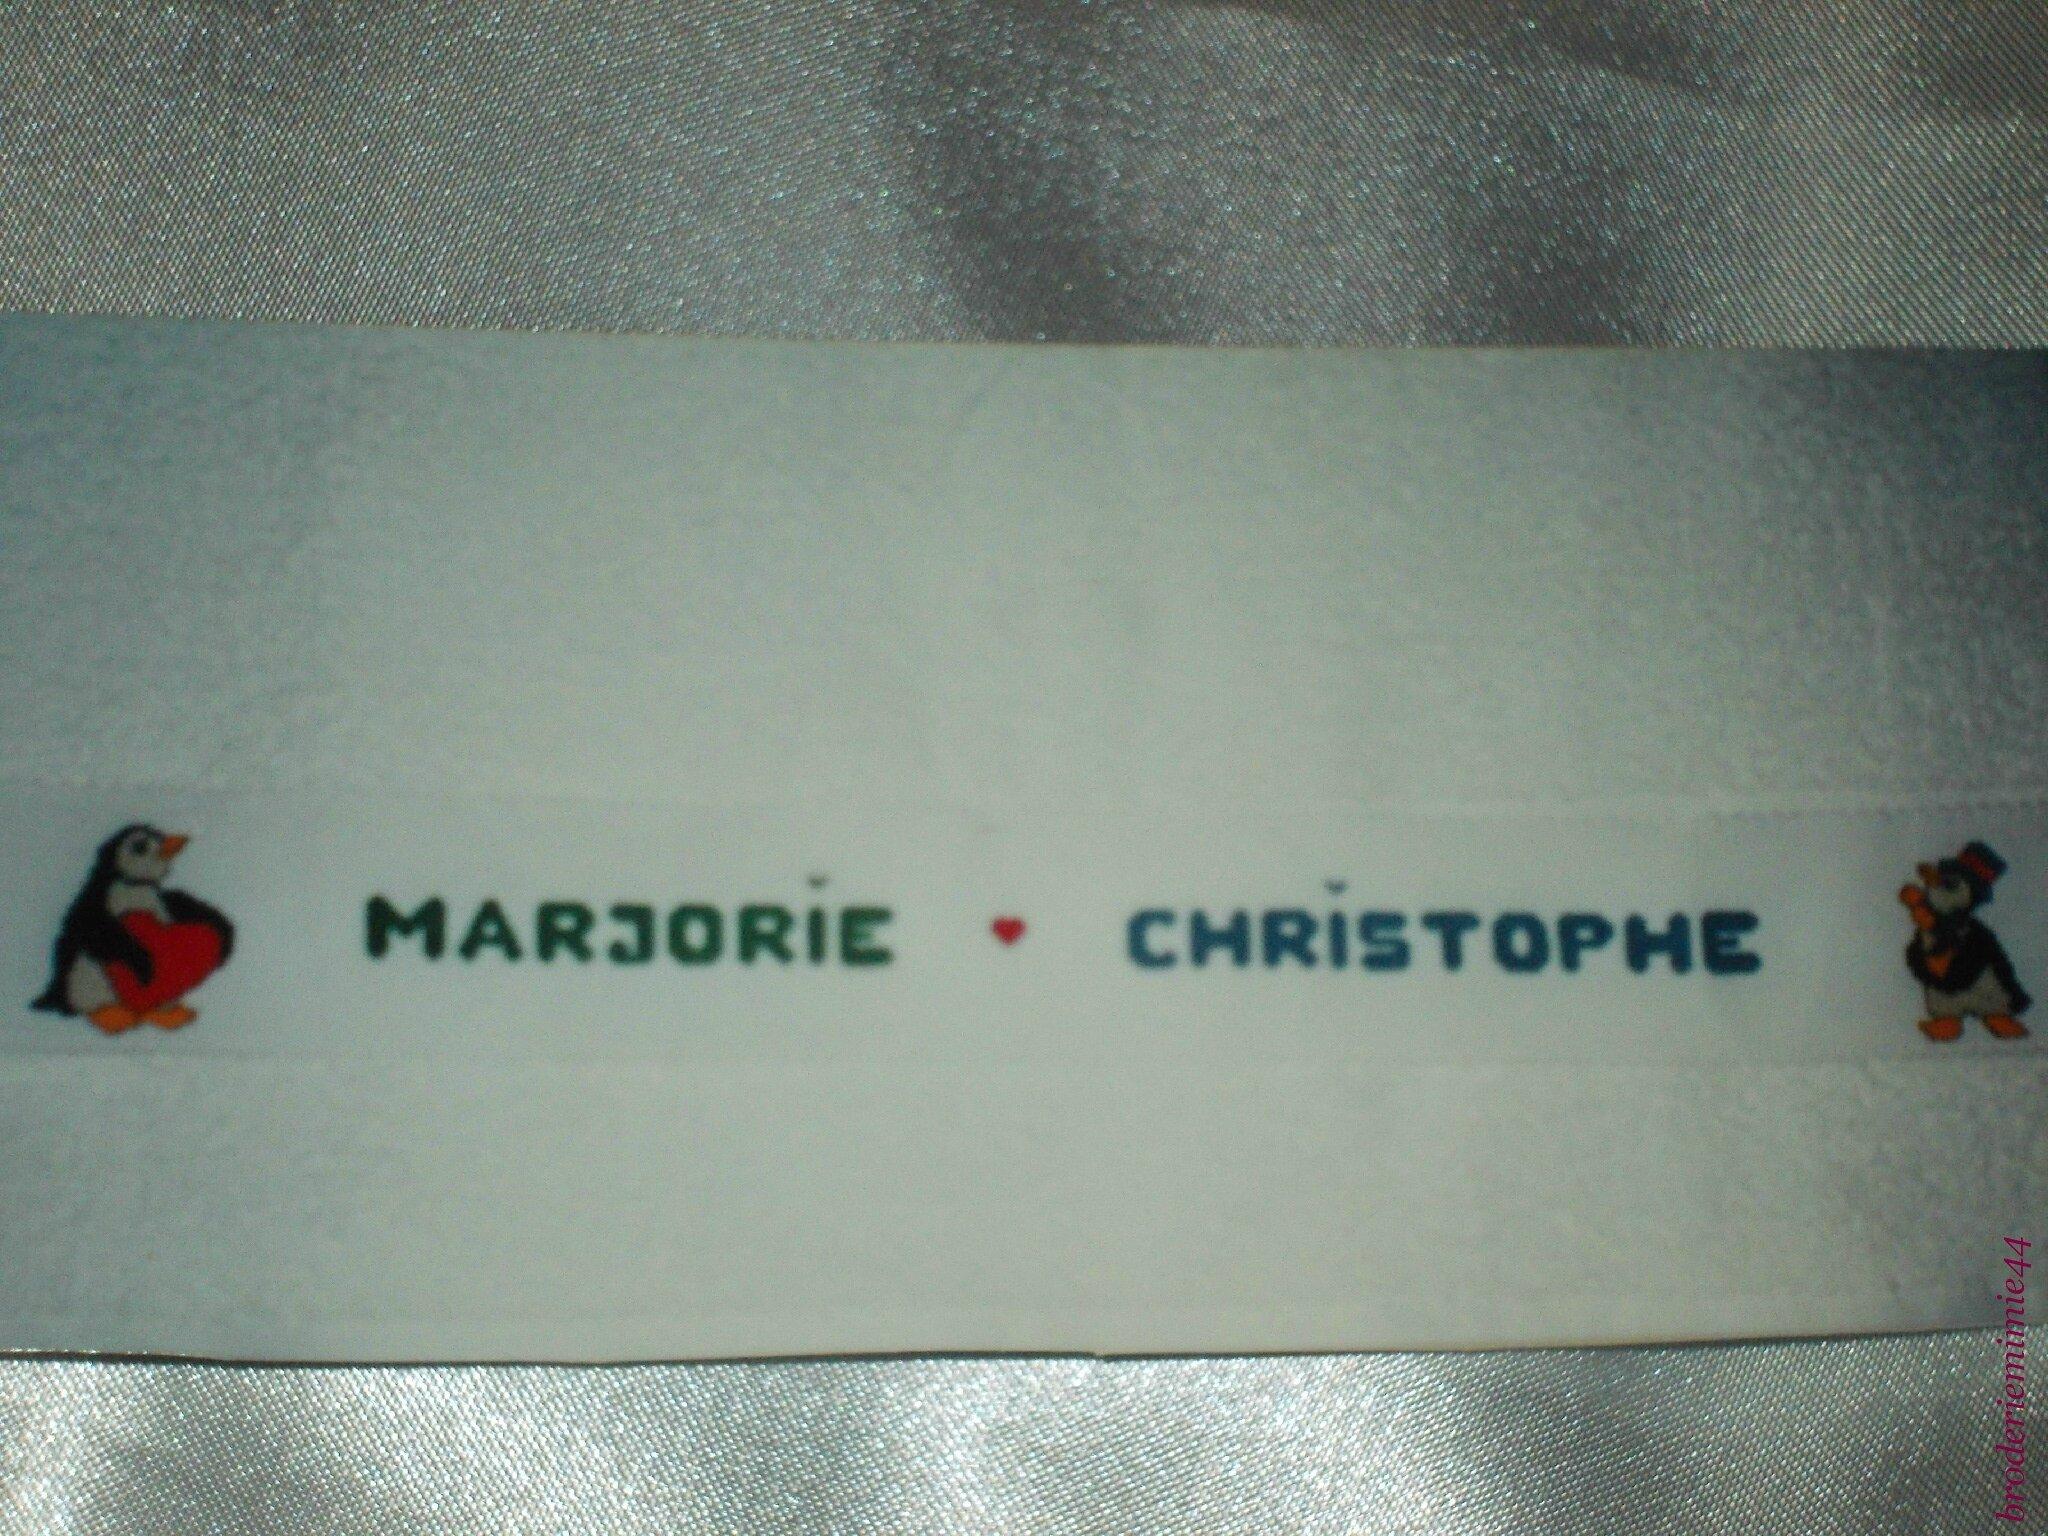 MARJORIE & CHRISTOPHE - PINGOINS